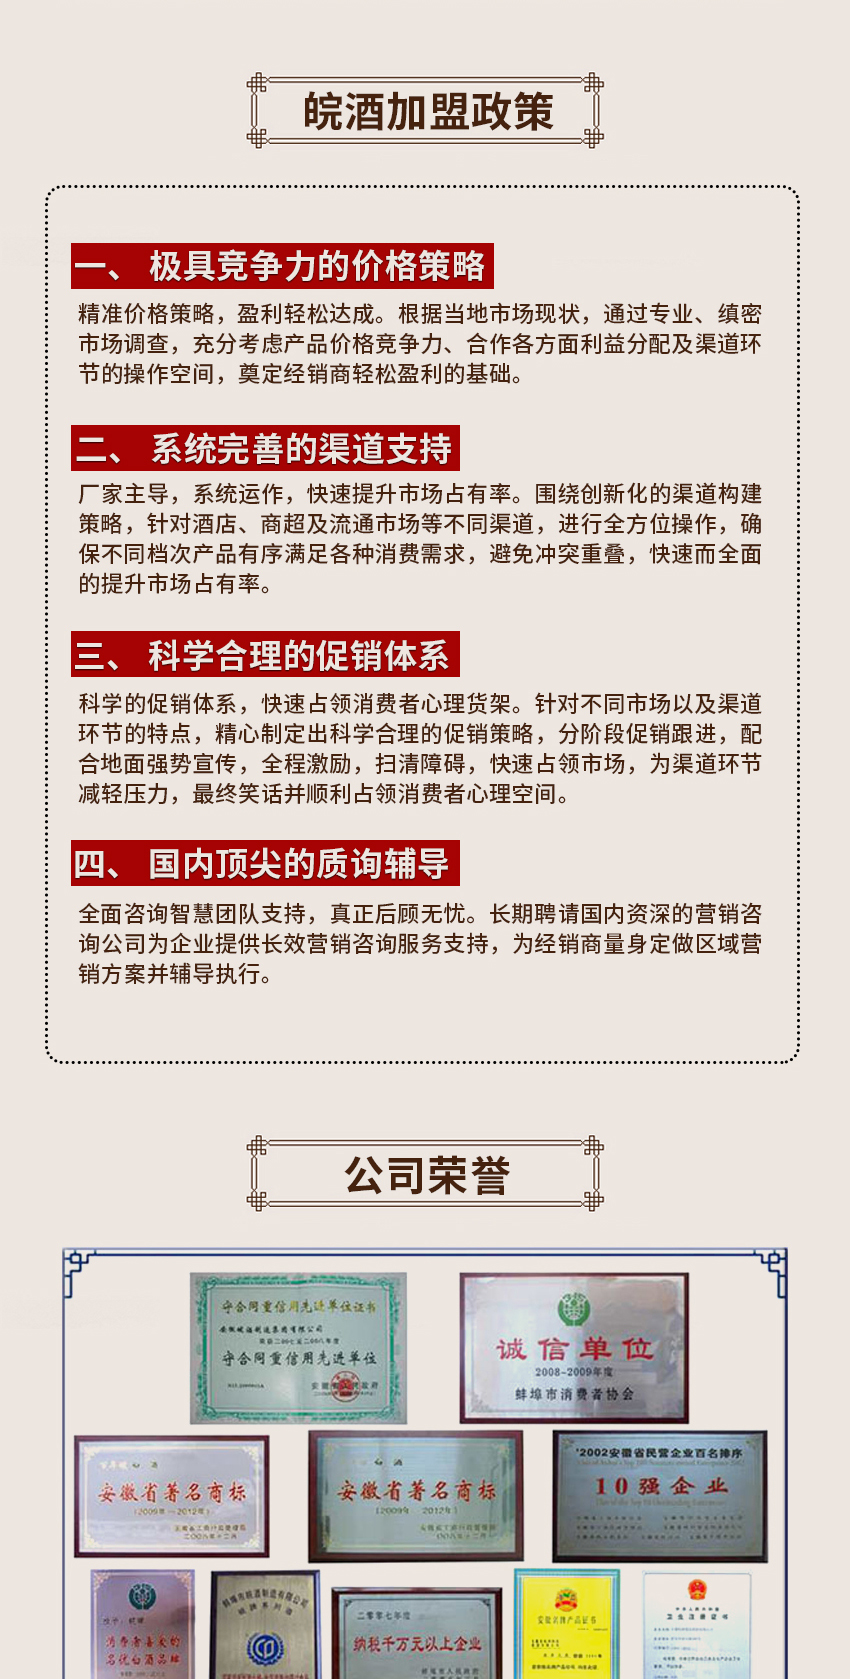 招商政策_02.jpg